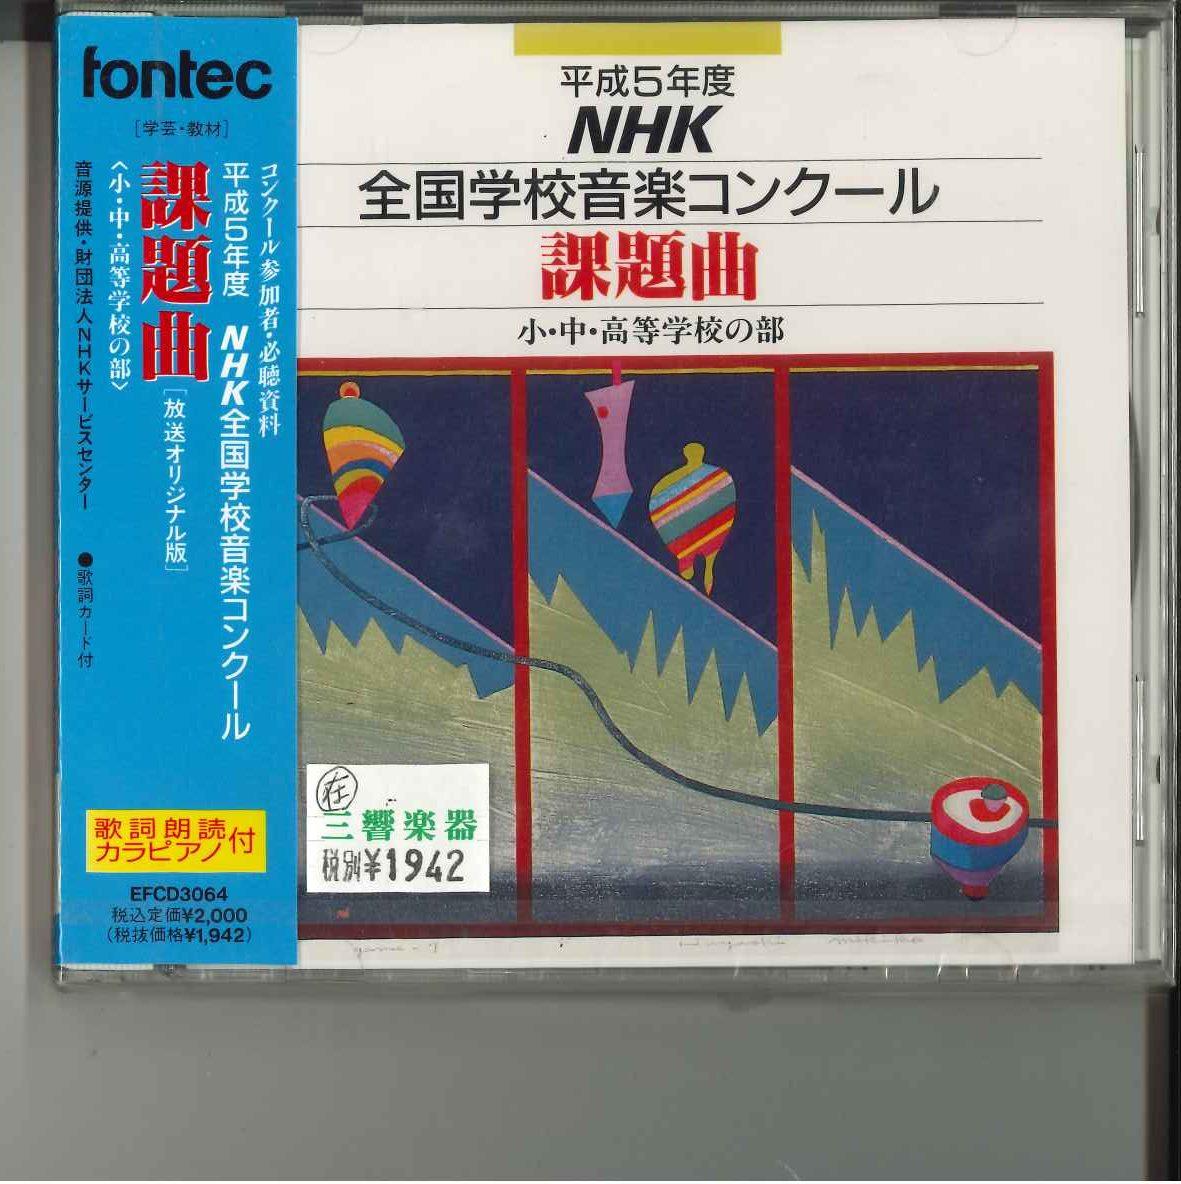 合唱CD「平成5年度NHK全国学校音楽コンクール課題曲」